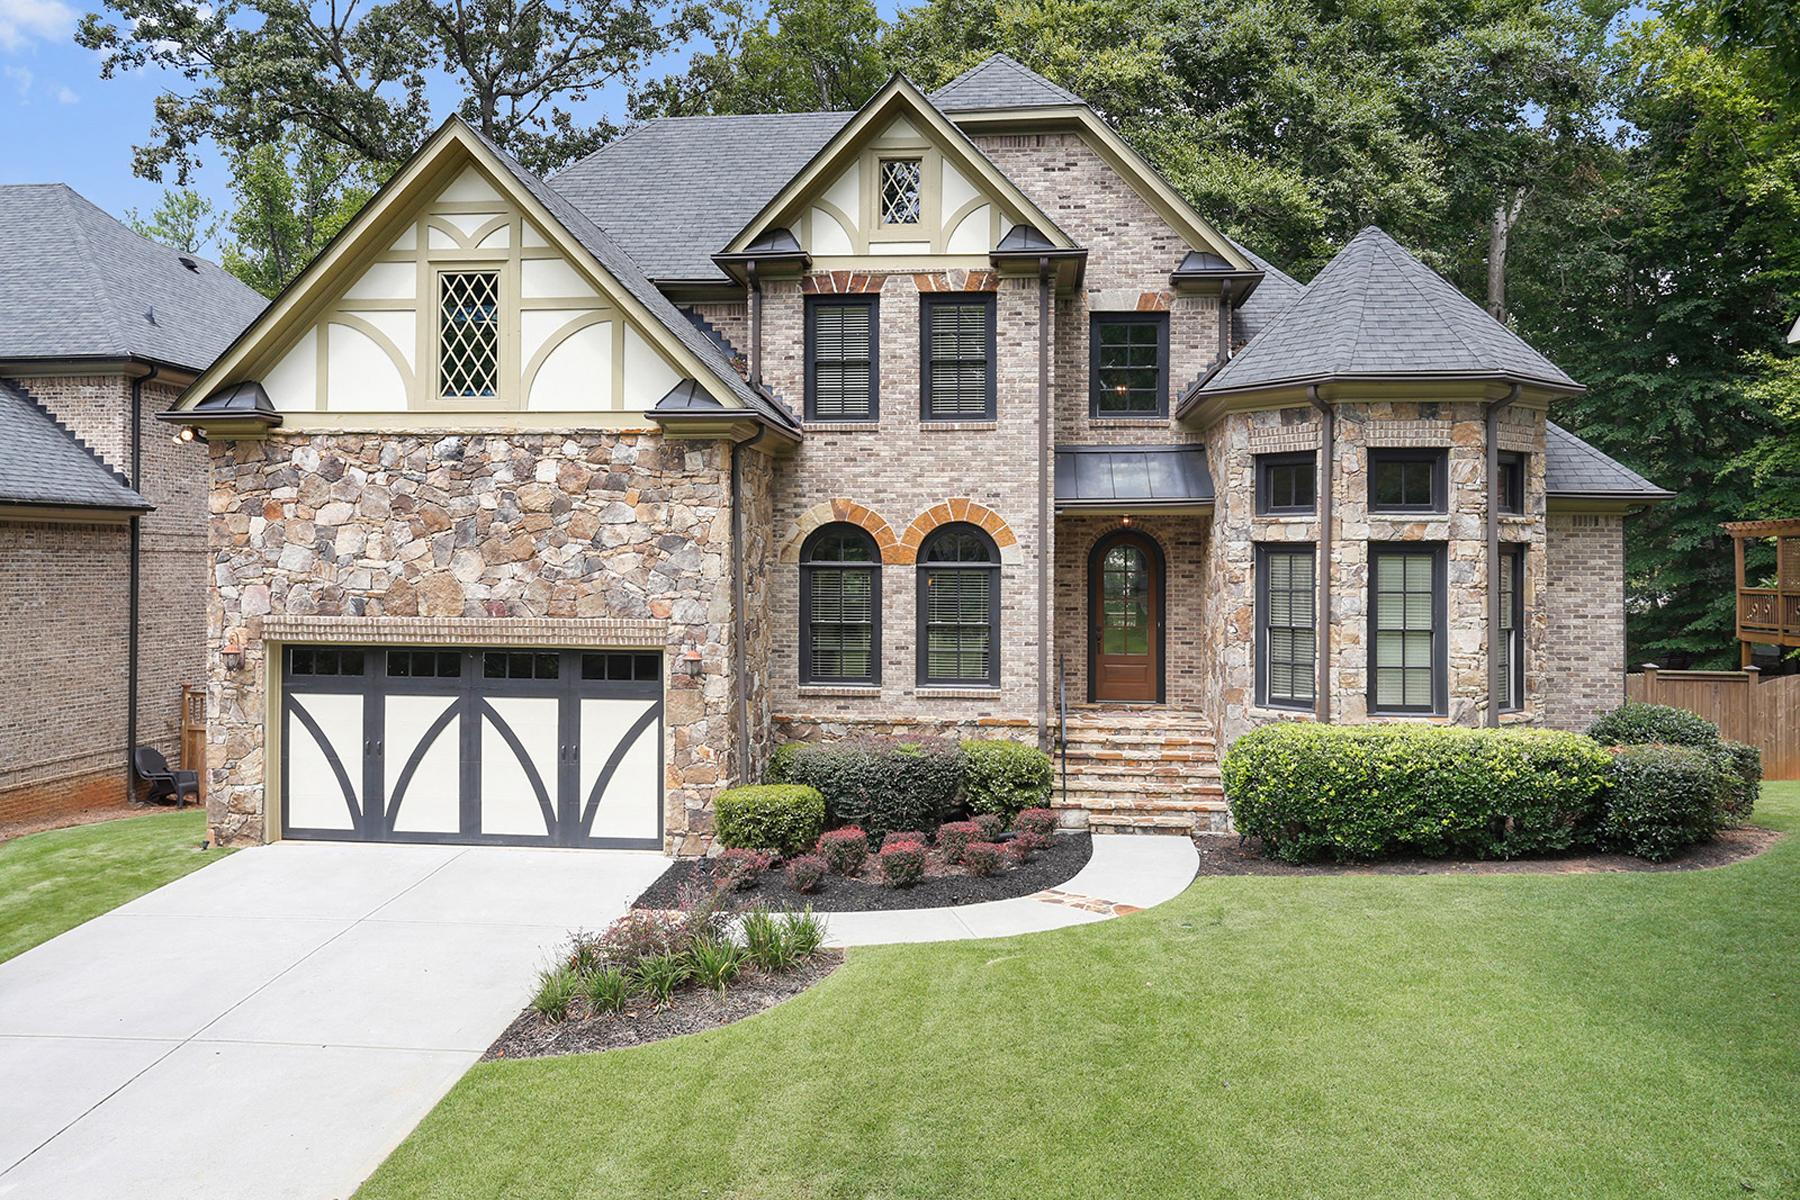 Casa para uma família para Venda às Inviting Brookhaven Home On Cul-de-sac Street 1902 Wyndale Court Atlanta, Geórgia, 30341 Estados Unidos